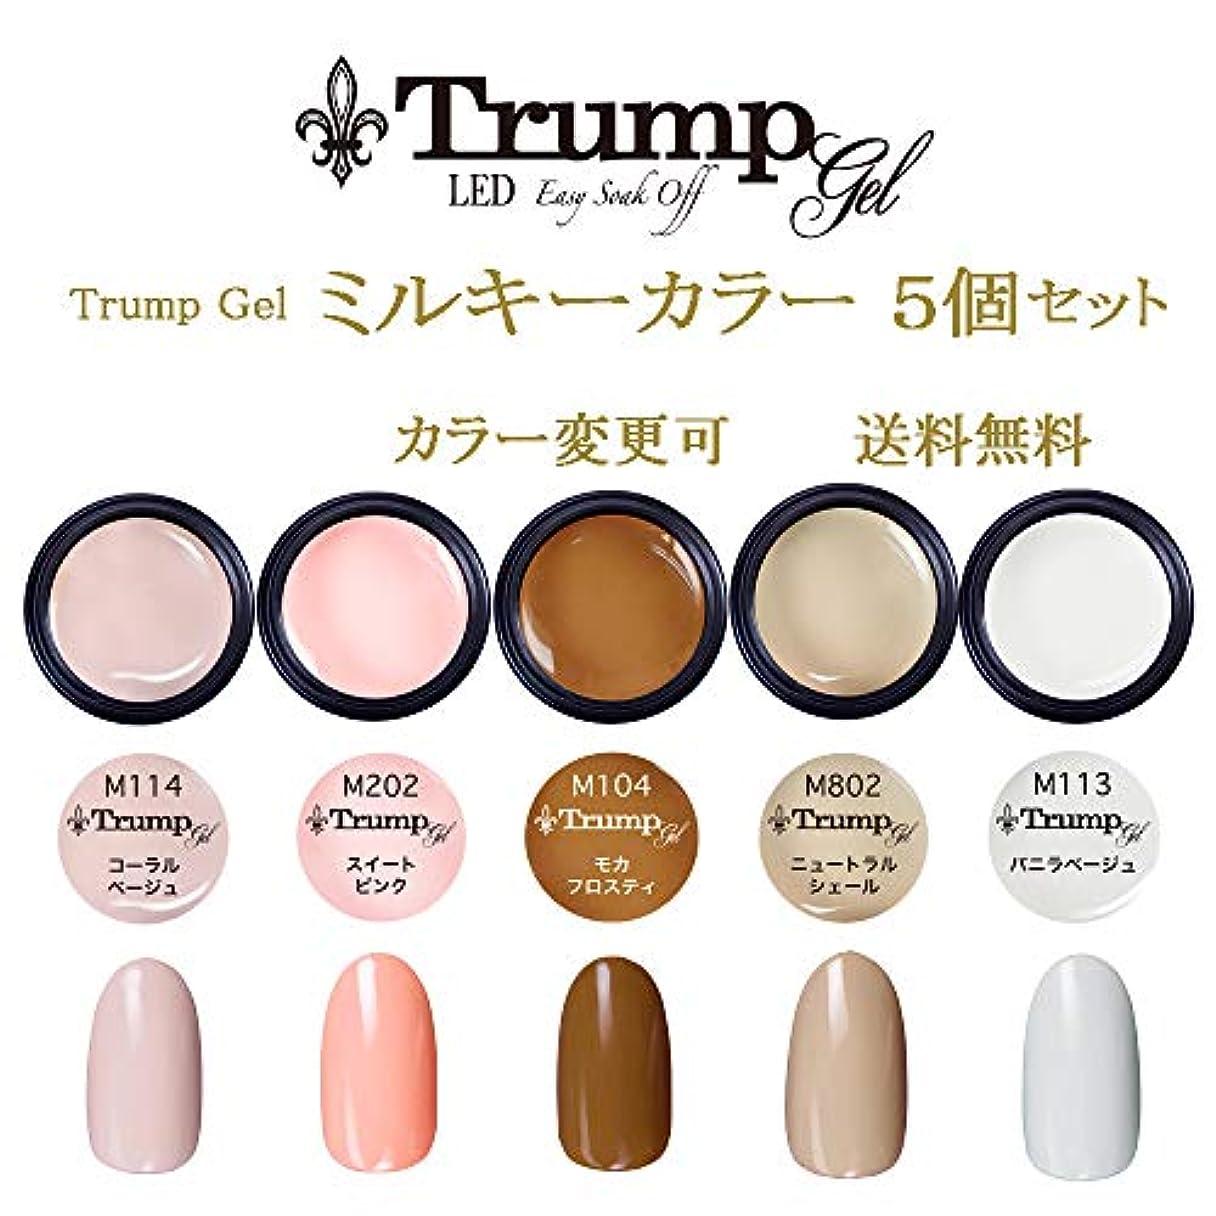 【送料無料】日本製 Trump gel トランプジェル ミルキーカラー 選べる カラージェル 5個セット ミルキーネイル ベージュ ピンク ミルキー カラー